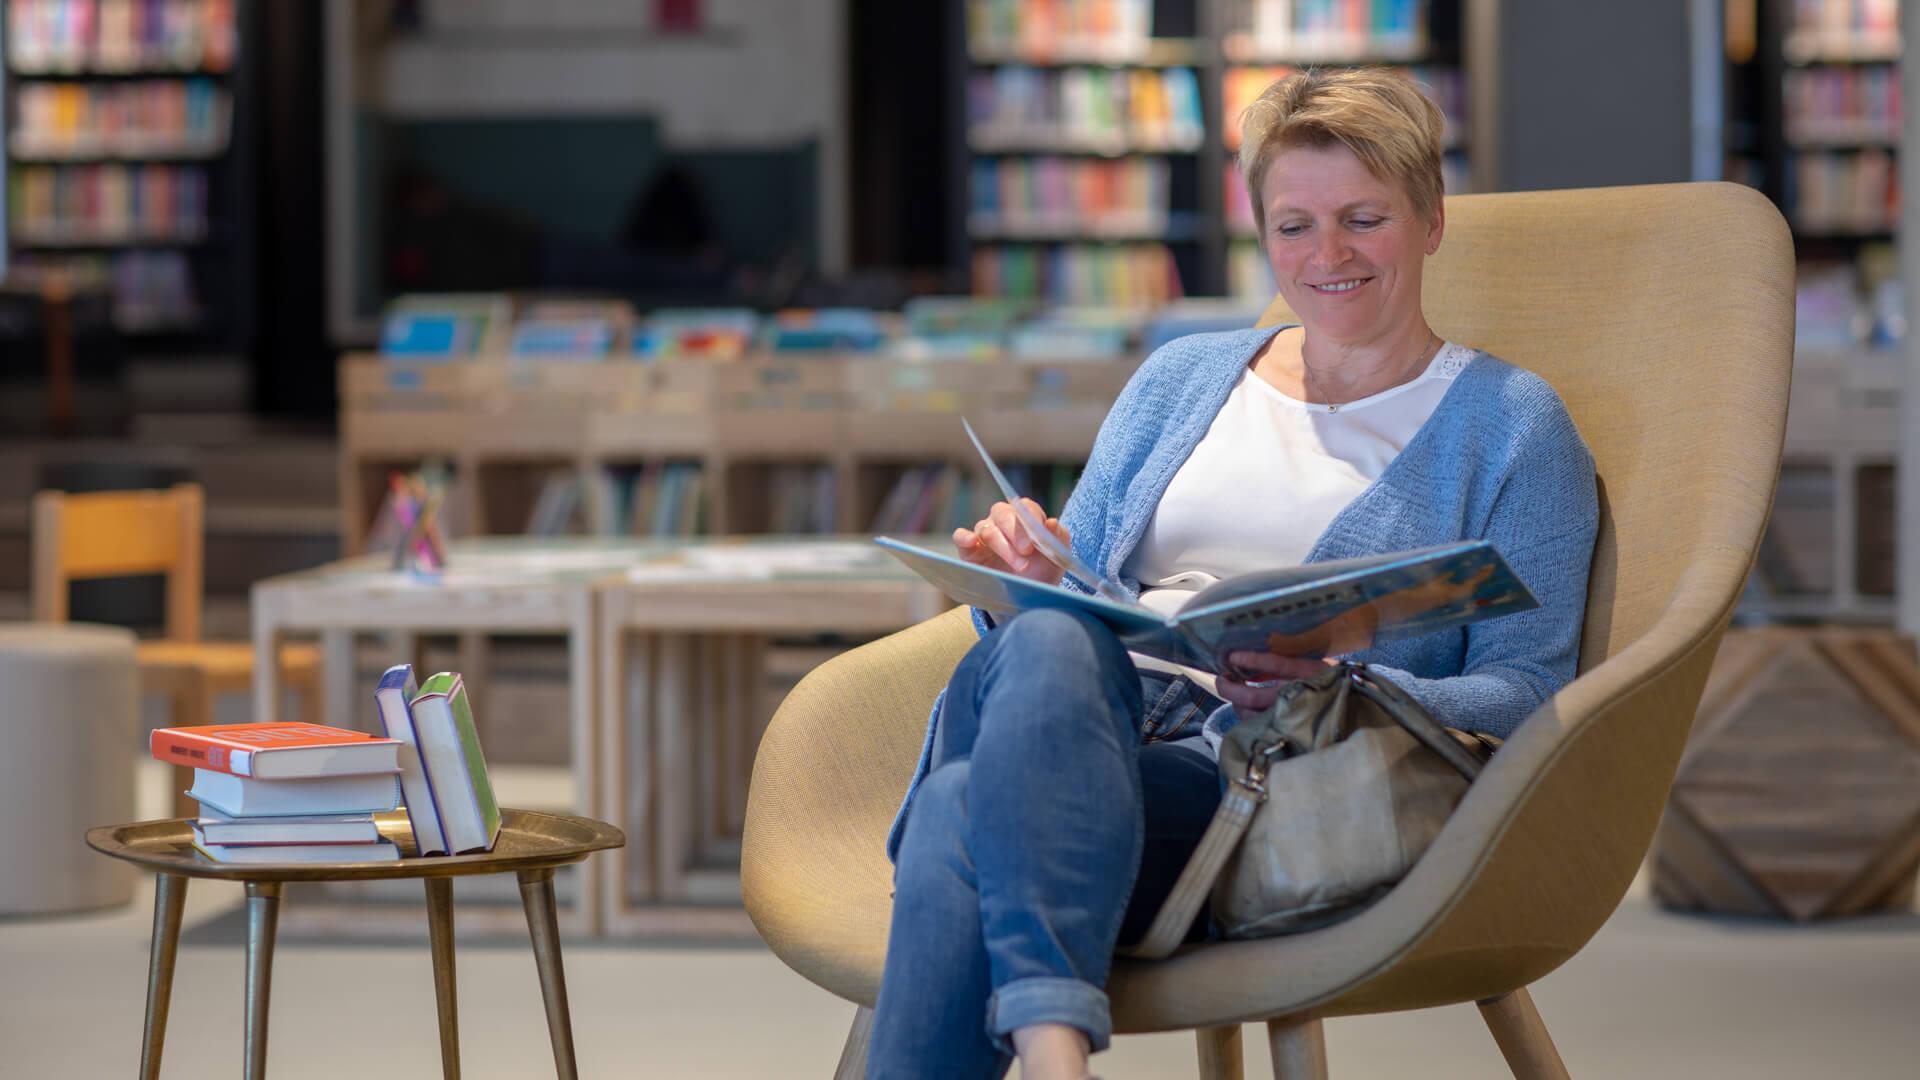 Aatvos_HUB-Kerkrade-social-library-design7